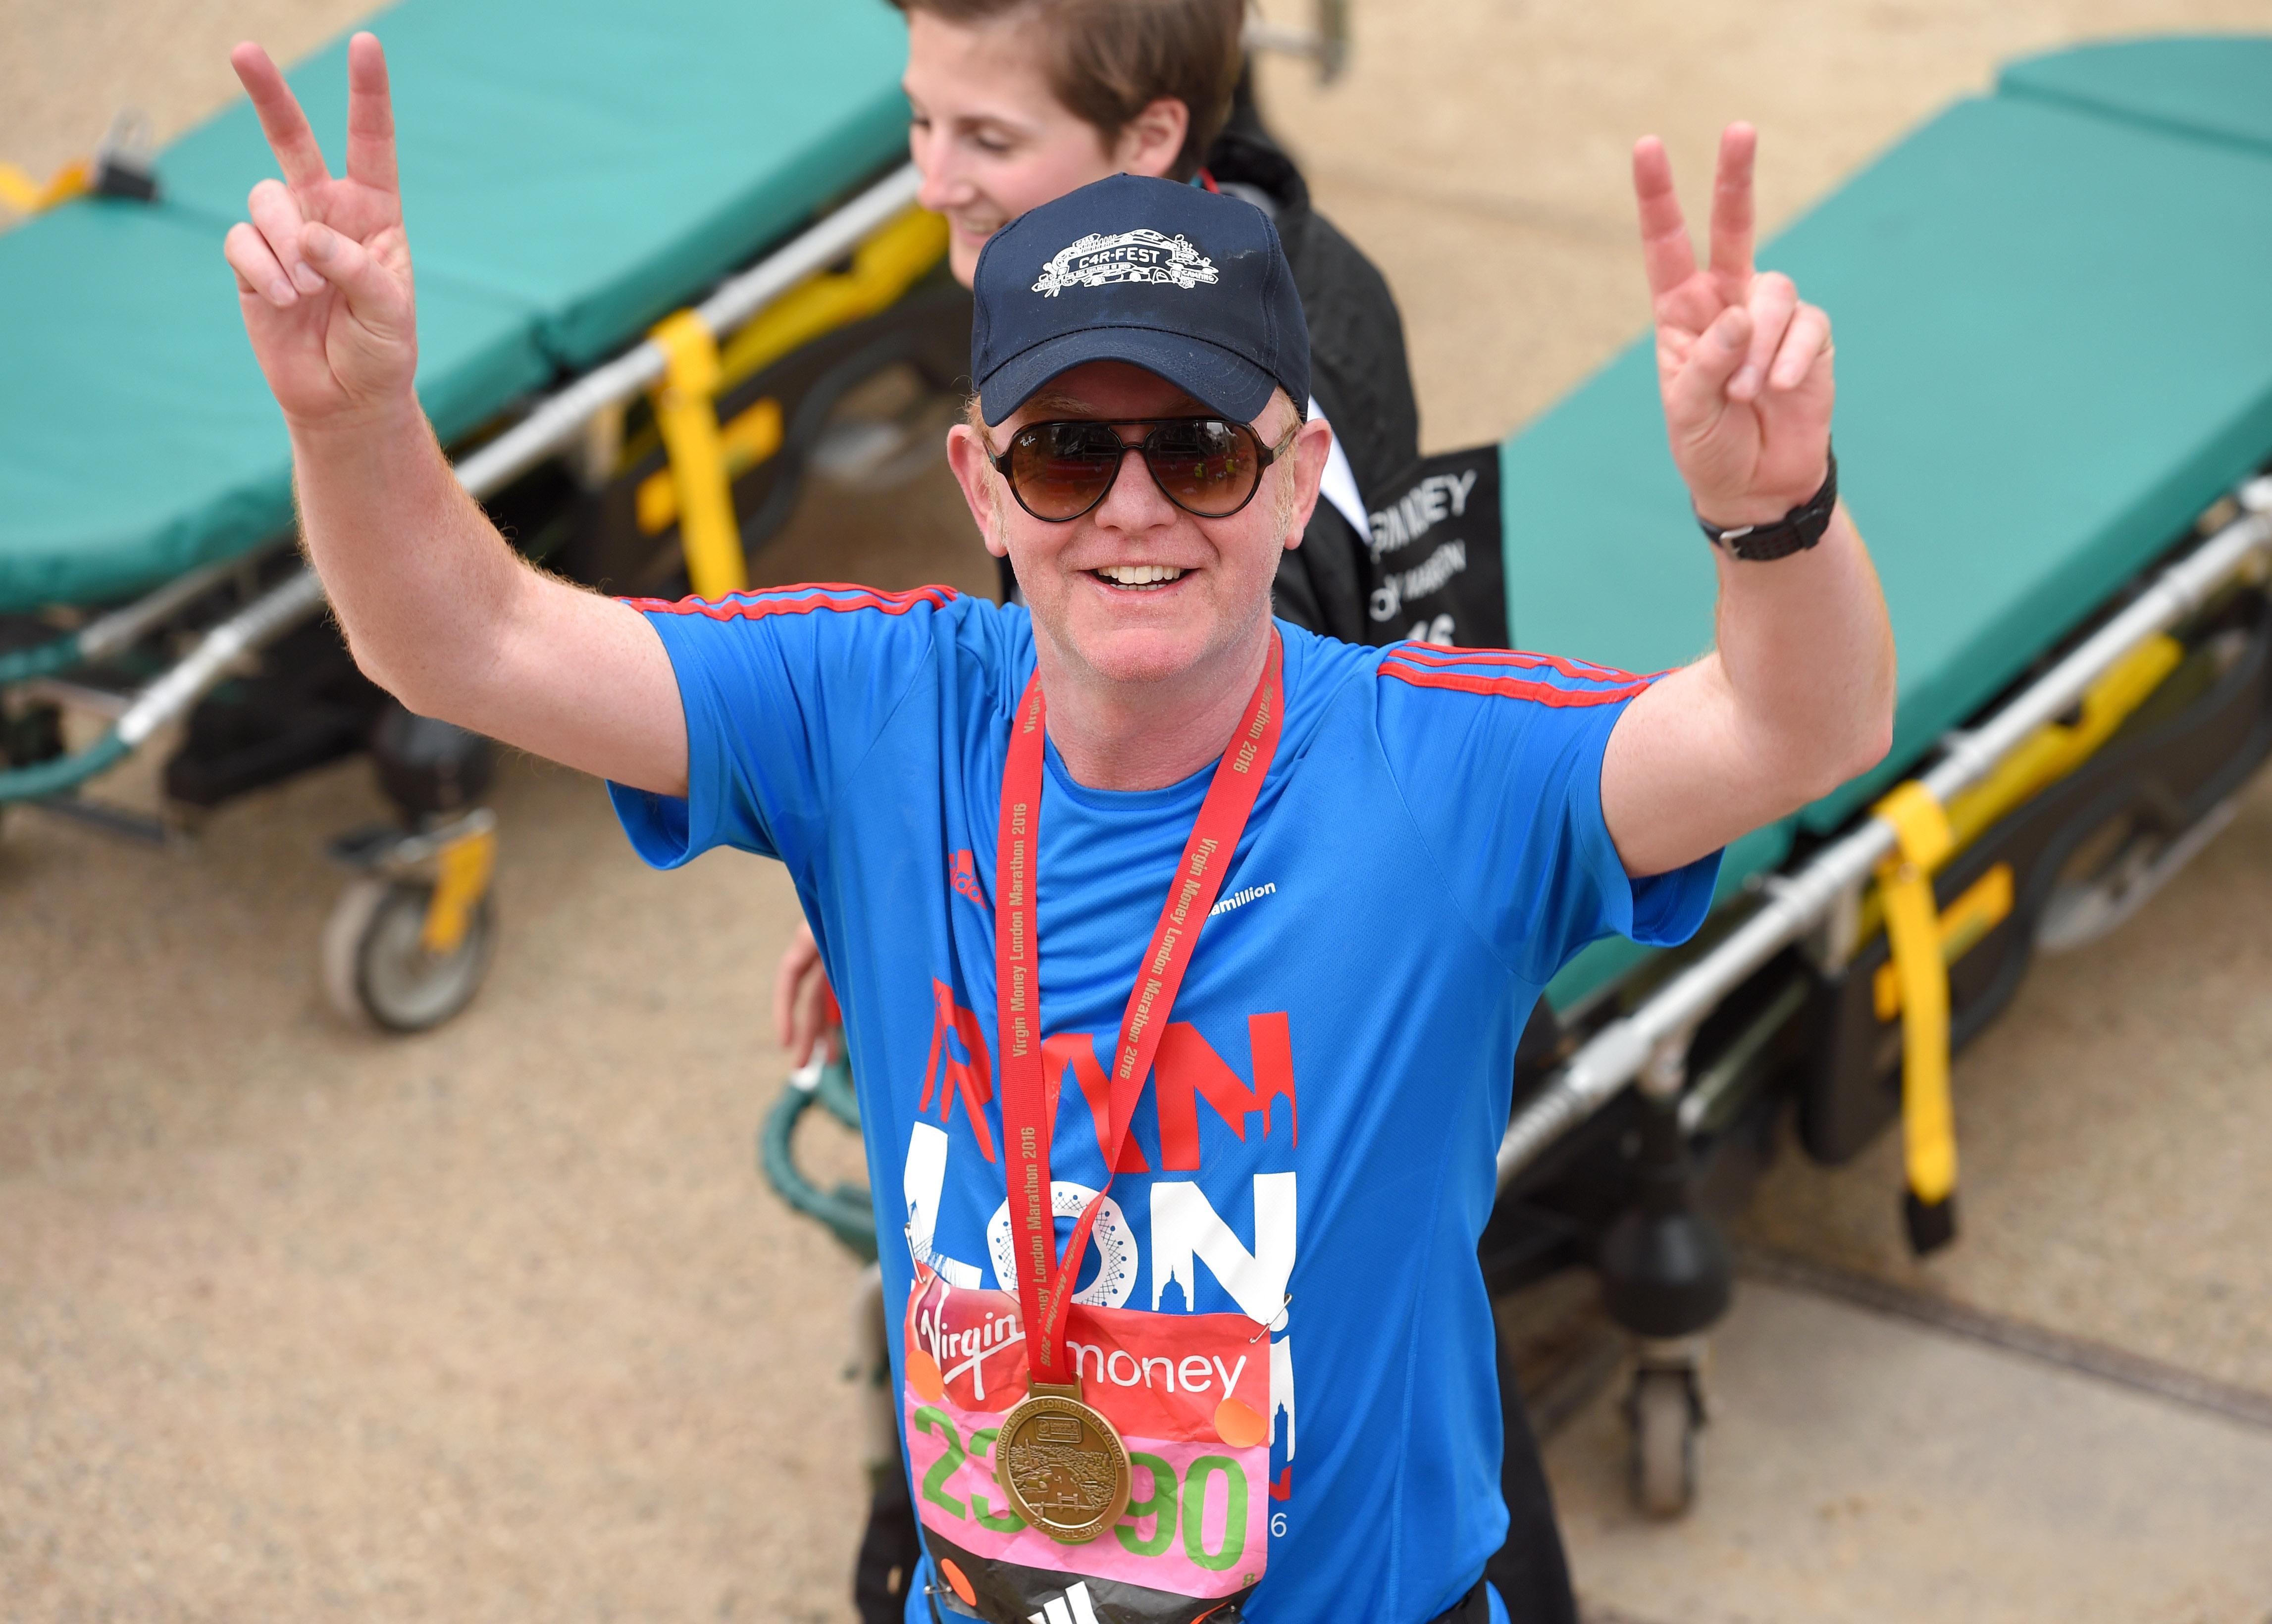 Radio 2 presenter Chris Evans is running his fourth London Marathon on behalf of Children in Need